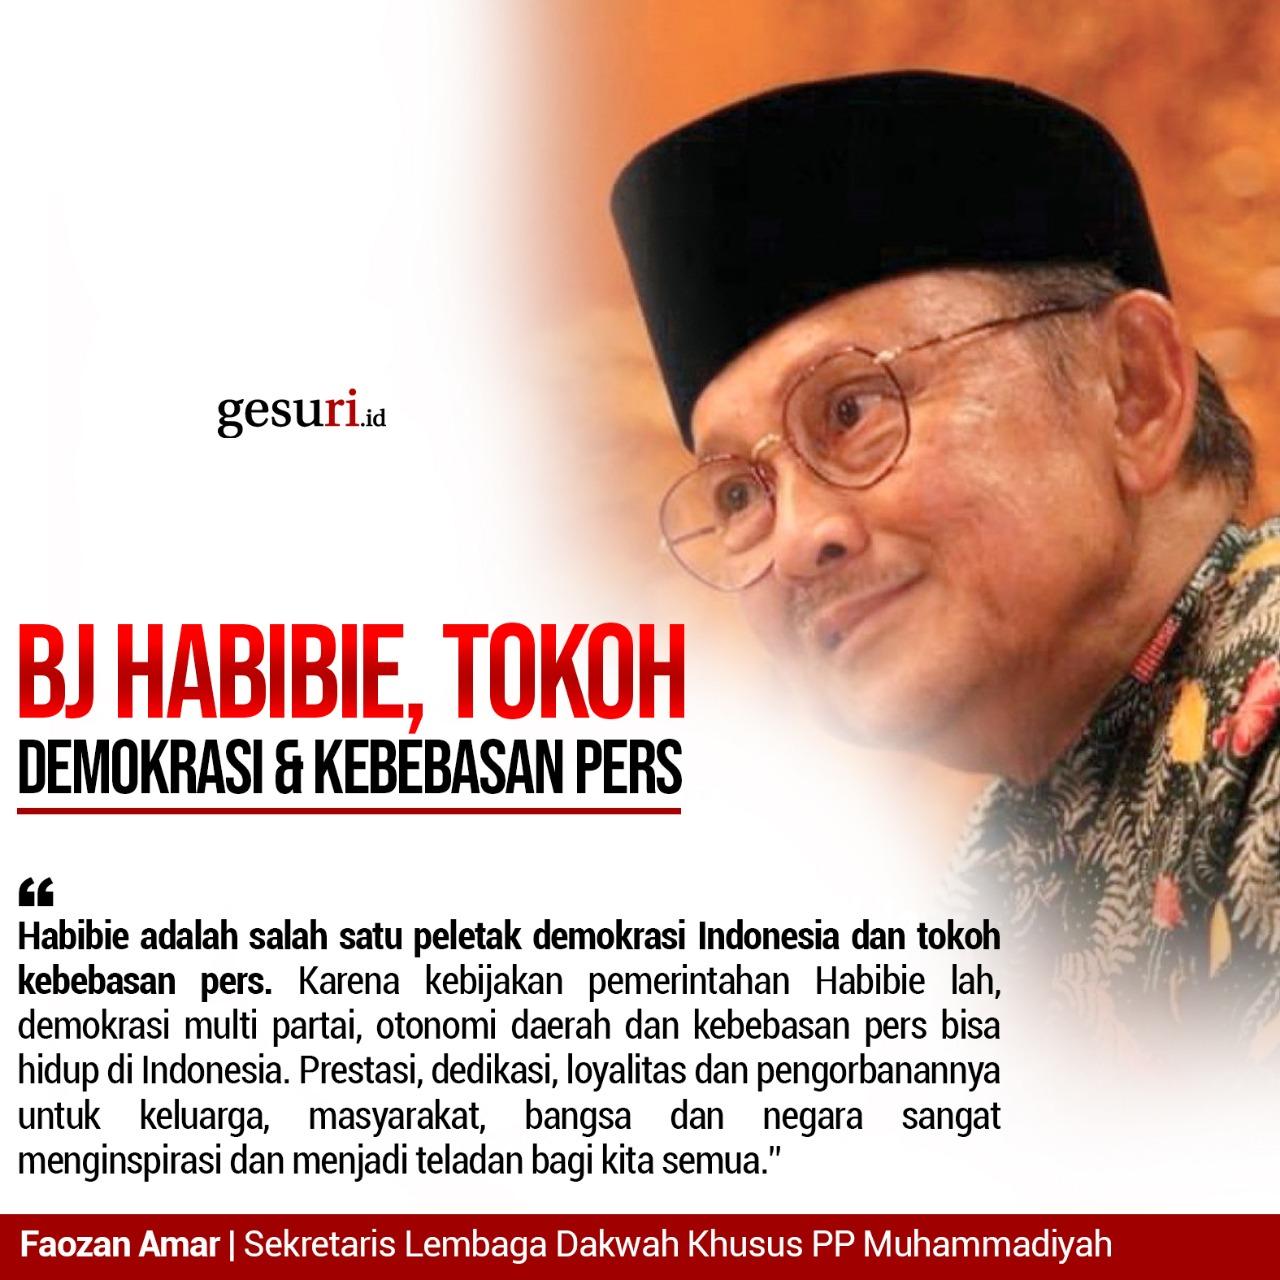 Bj Habibie Tokoh Demokrasi Kebebasan Pers